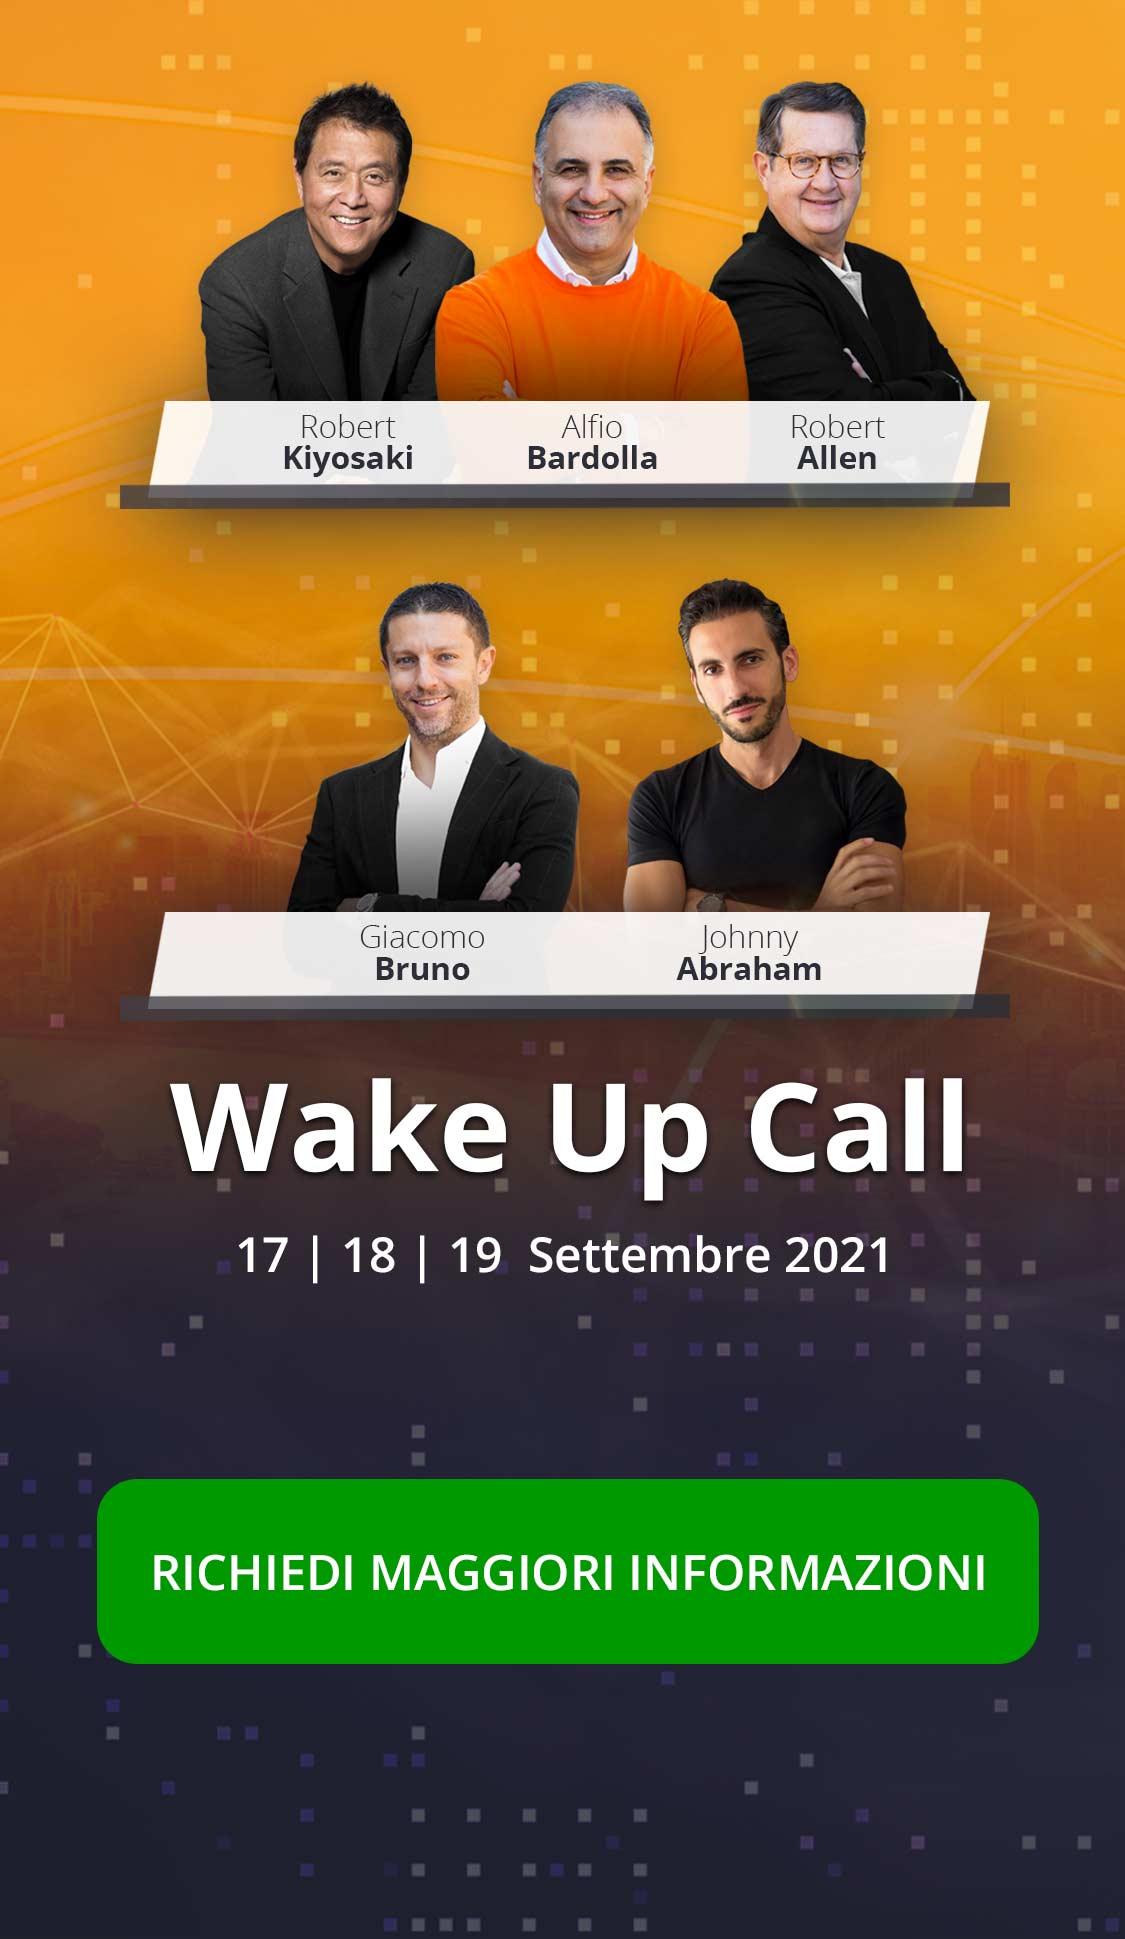 Base-Banner-Mobile-modifiche-23-agosto